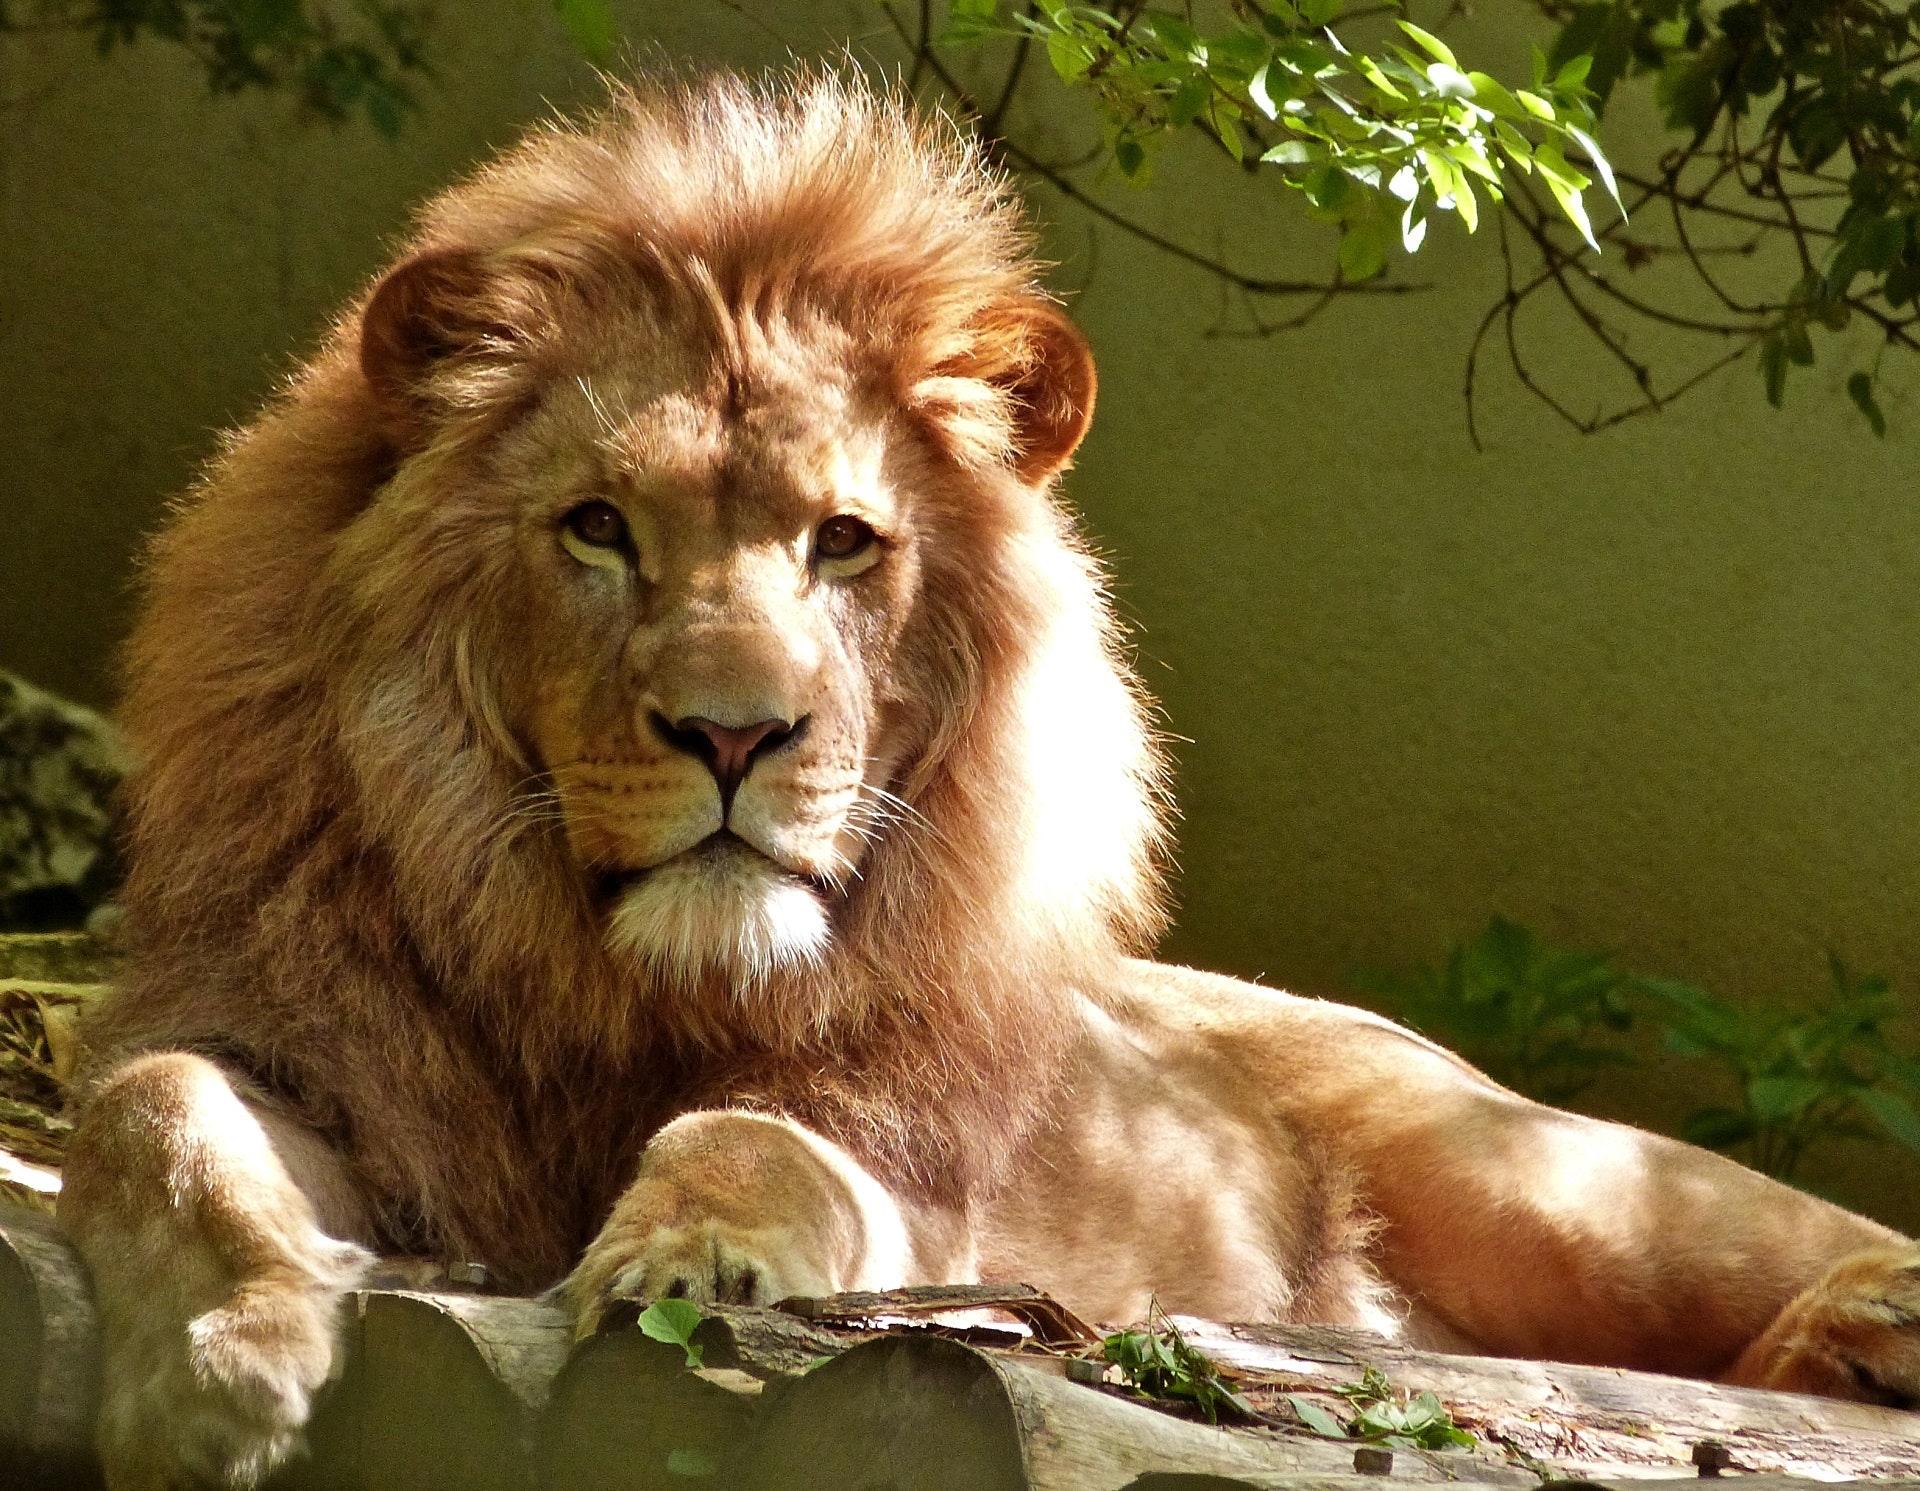 Close-up Portrait of Lion, Predator, Portrait, Mane, Resting, HQ Photo